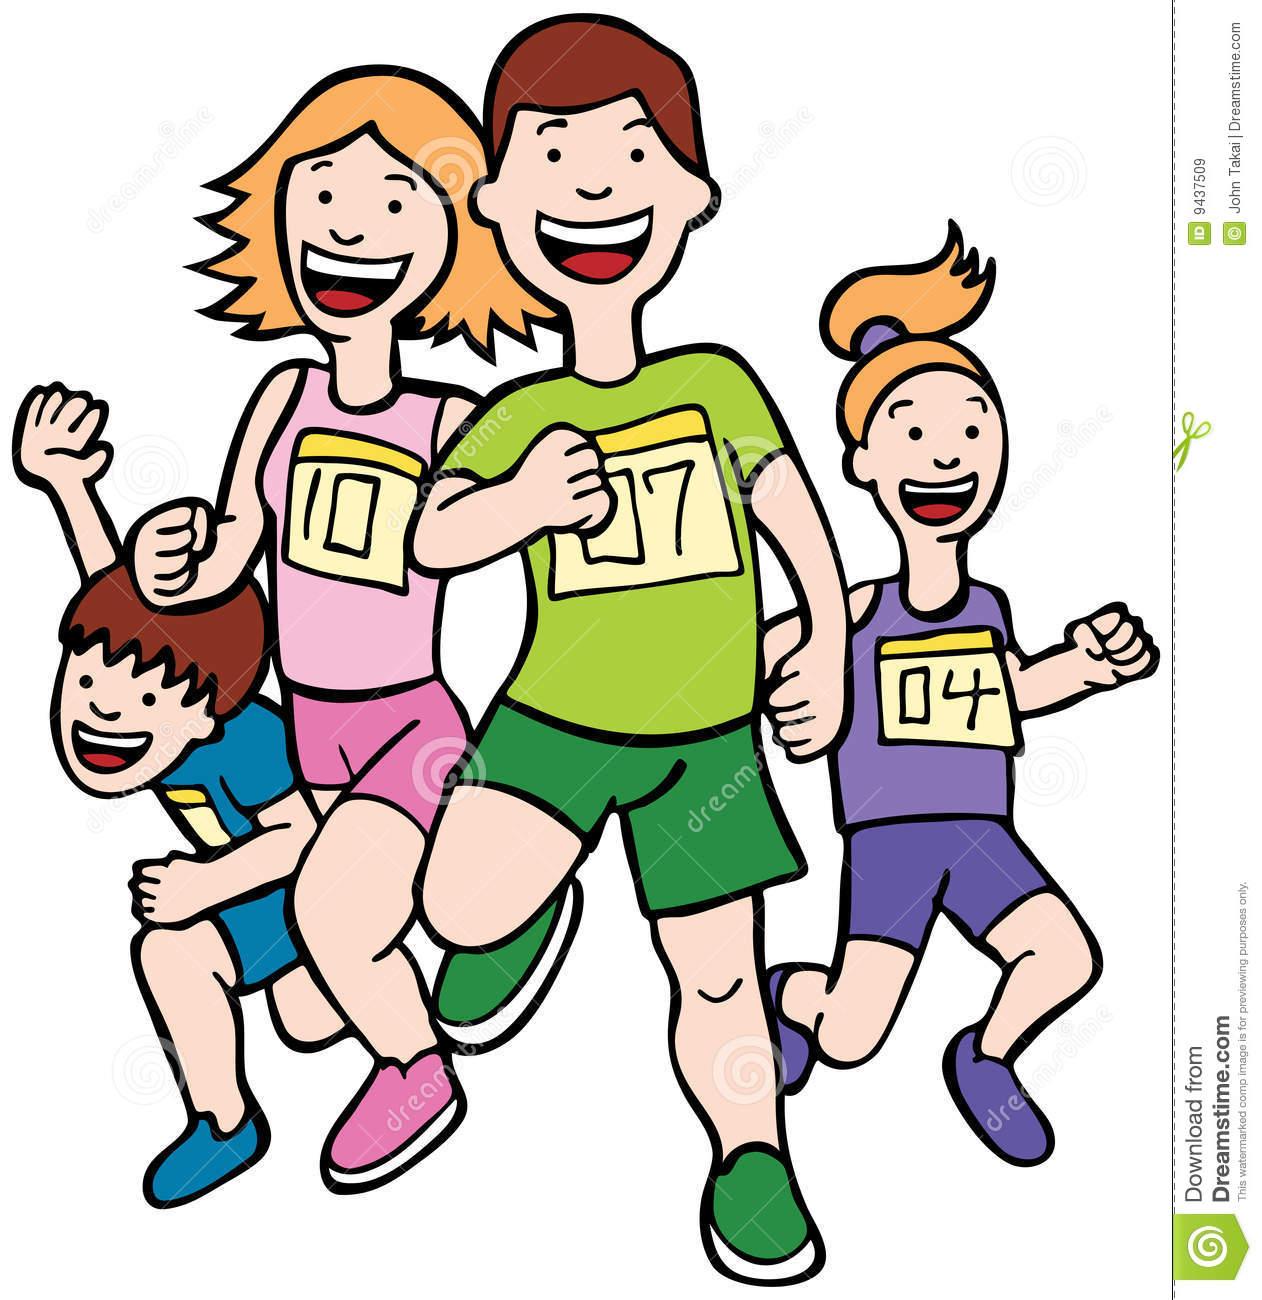 Running a race clipart clip art library download Running A Race Clipart | Free download best Running A Race Clipart ... clip art library download